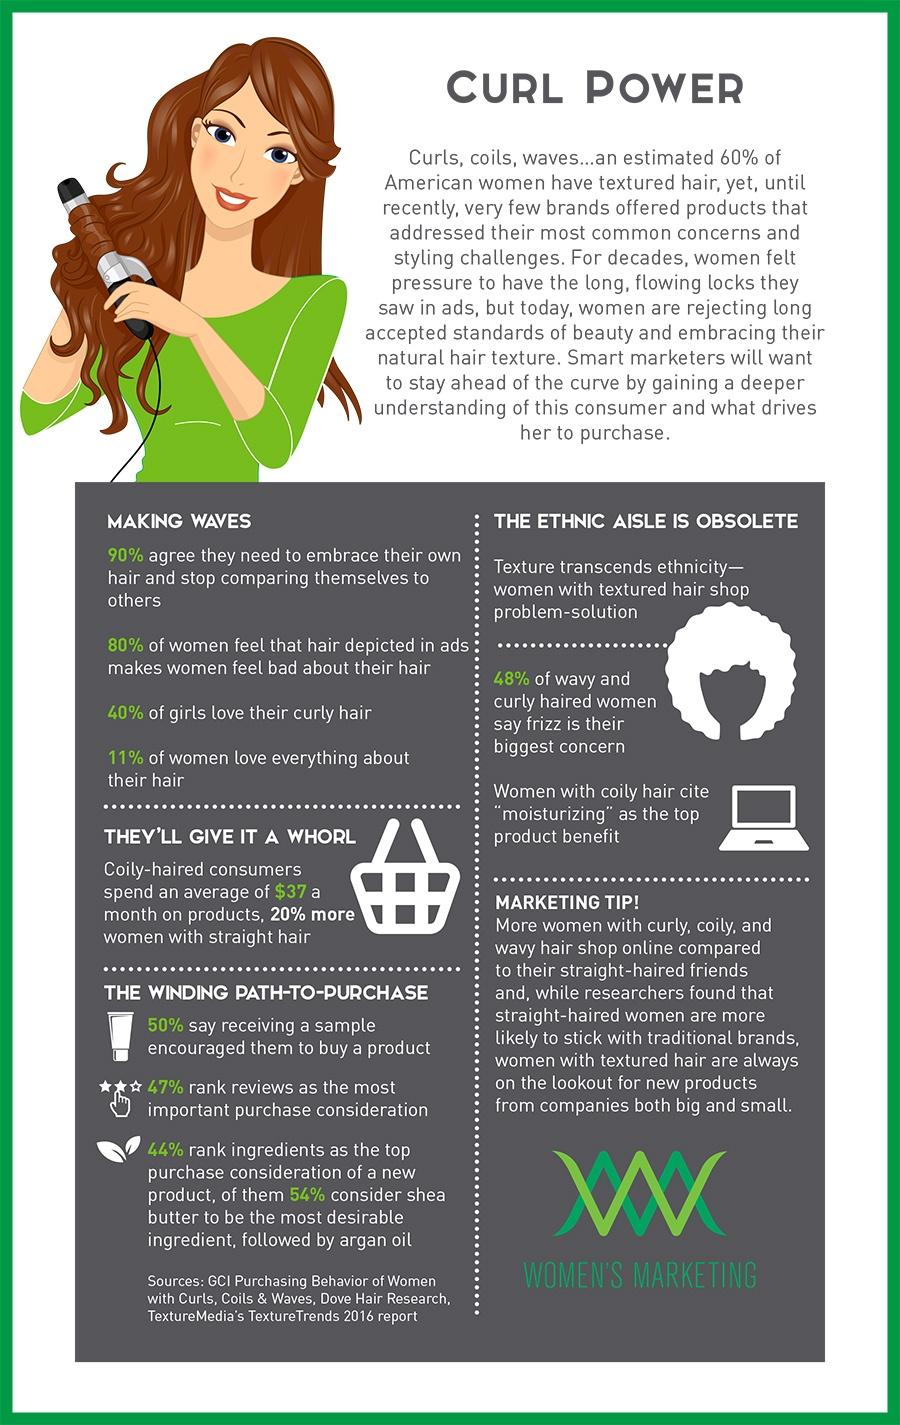 CurlPower_Infographic.jpg